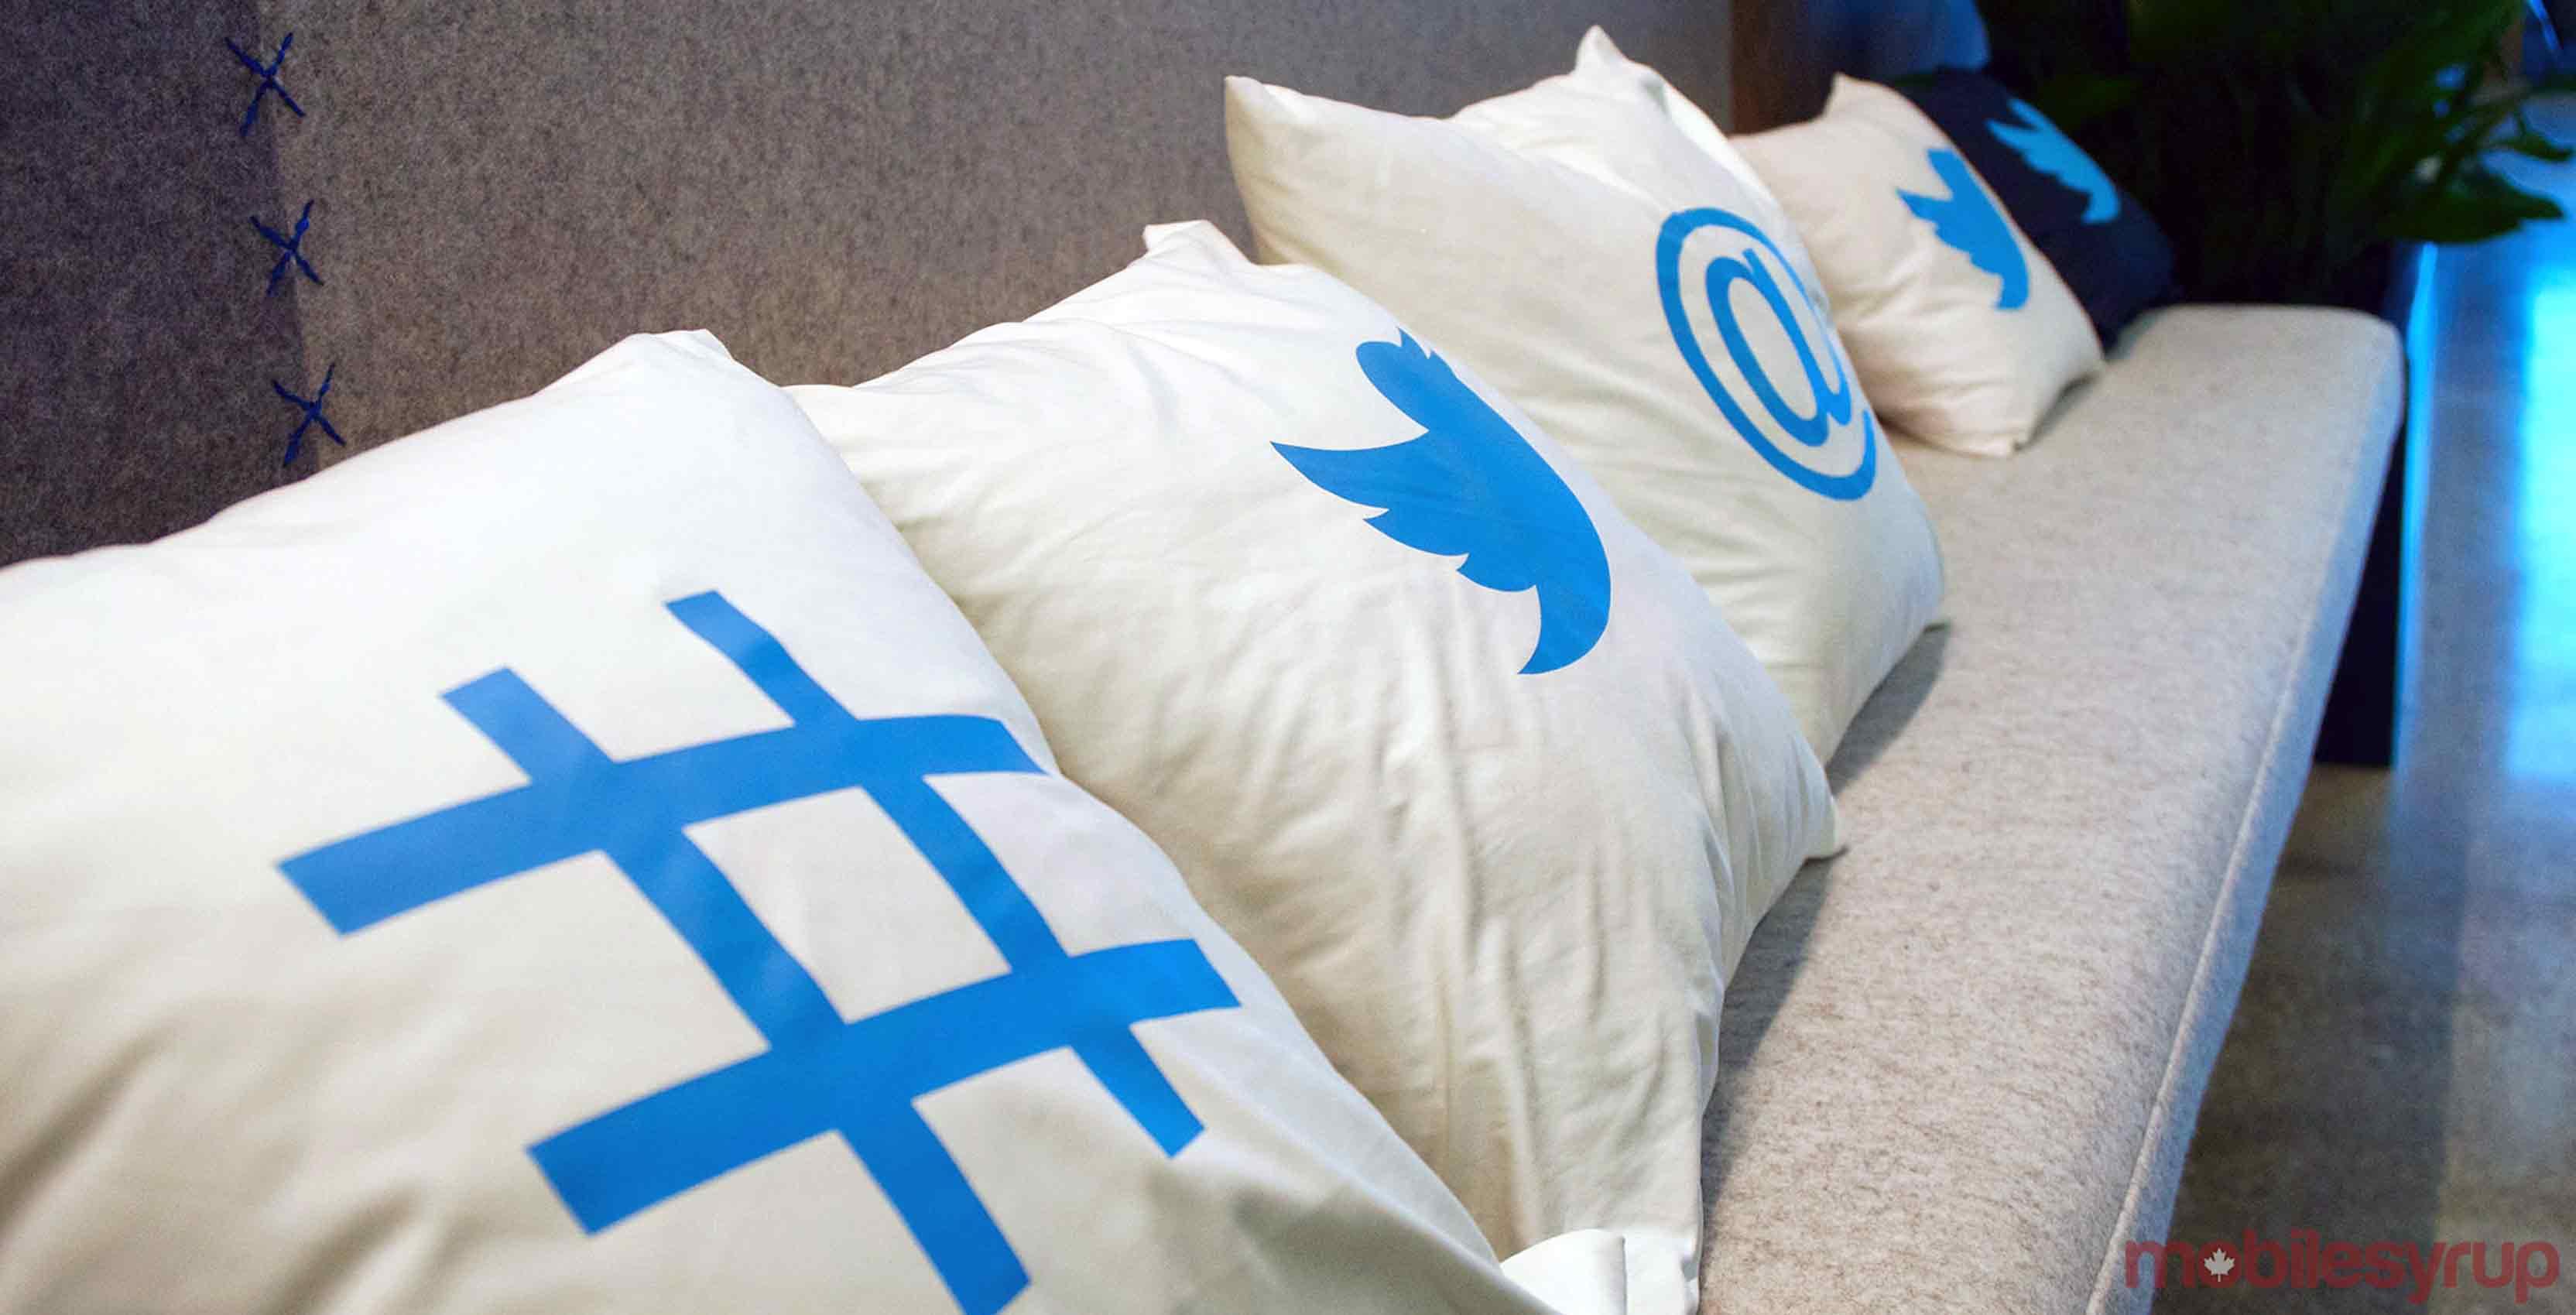 Twitter Canada pillows